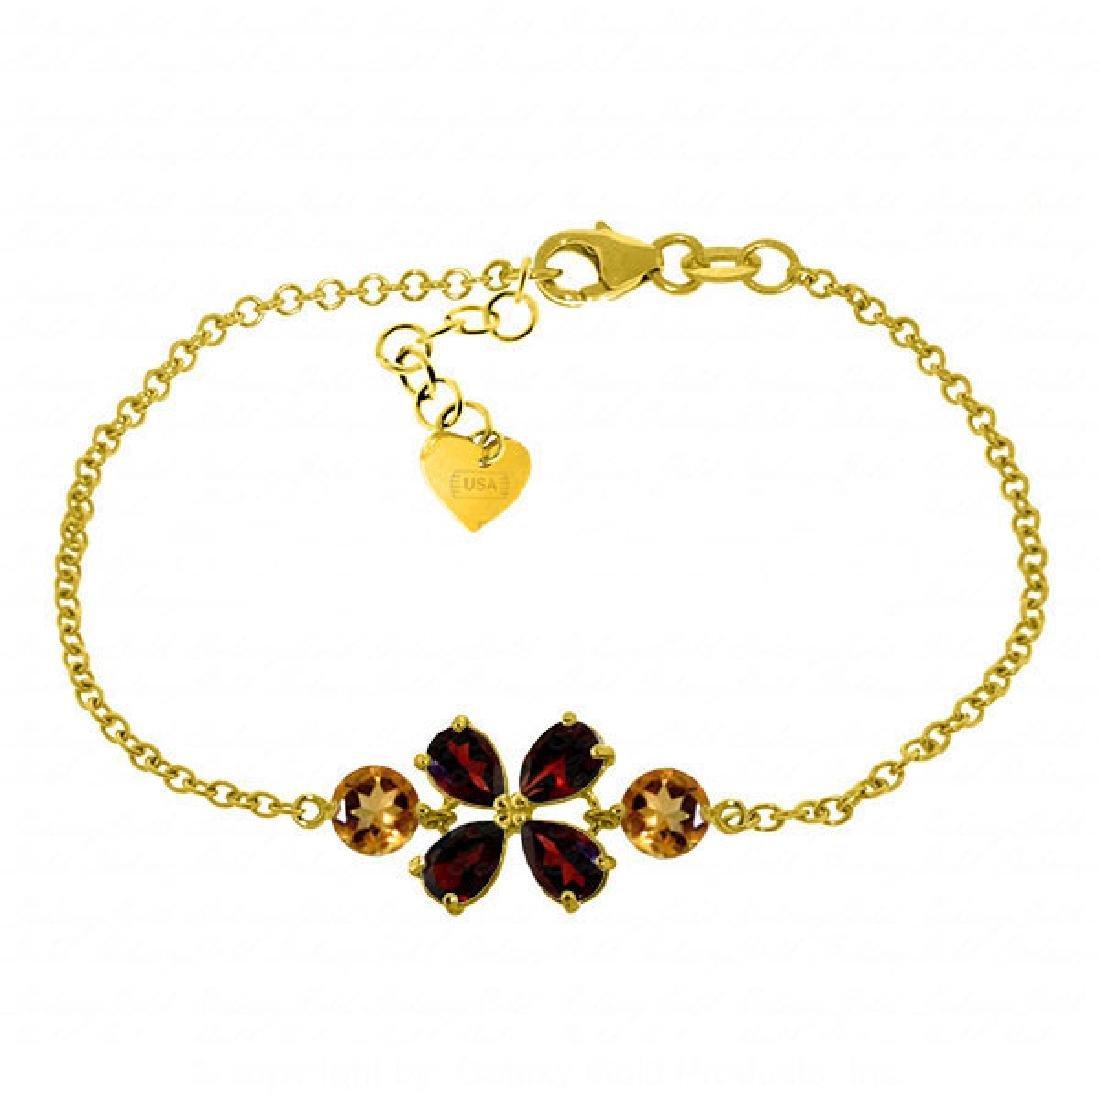 Genuine 3.15 ctw Garnet & Citrine Bracelet Jewelry 14KT